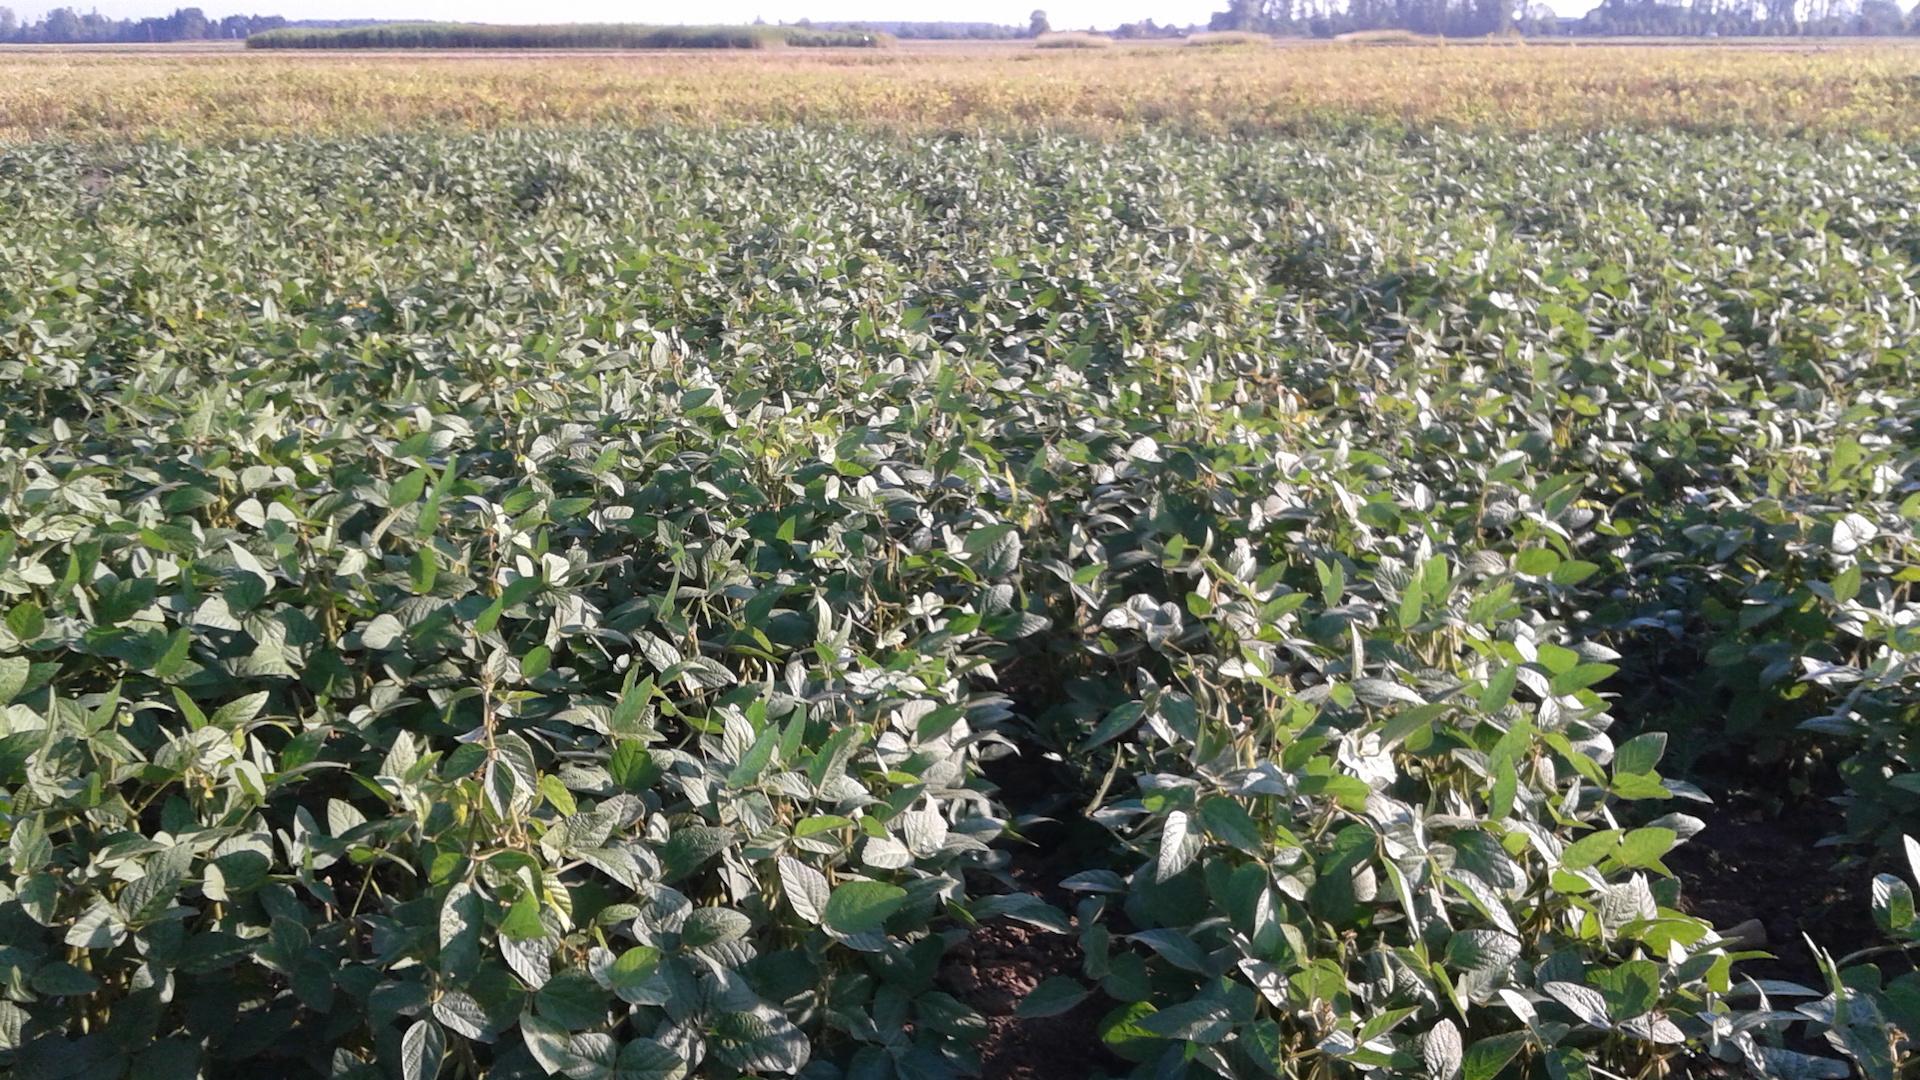 Ekologiškai auginamų sojų pasėlis Žemdirbystės instituto eksperimentuose.